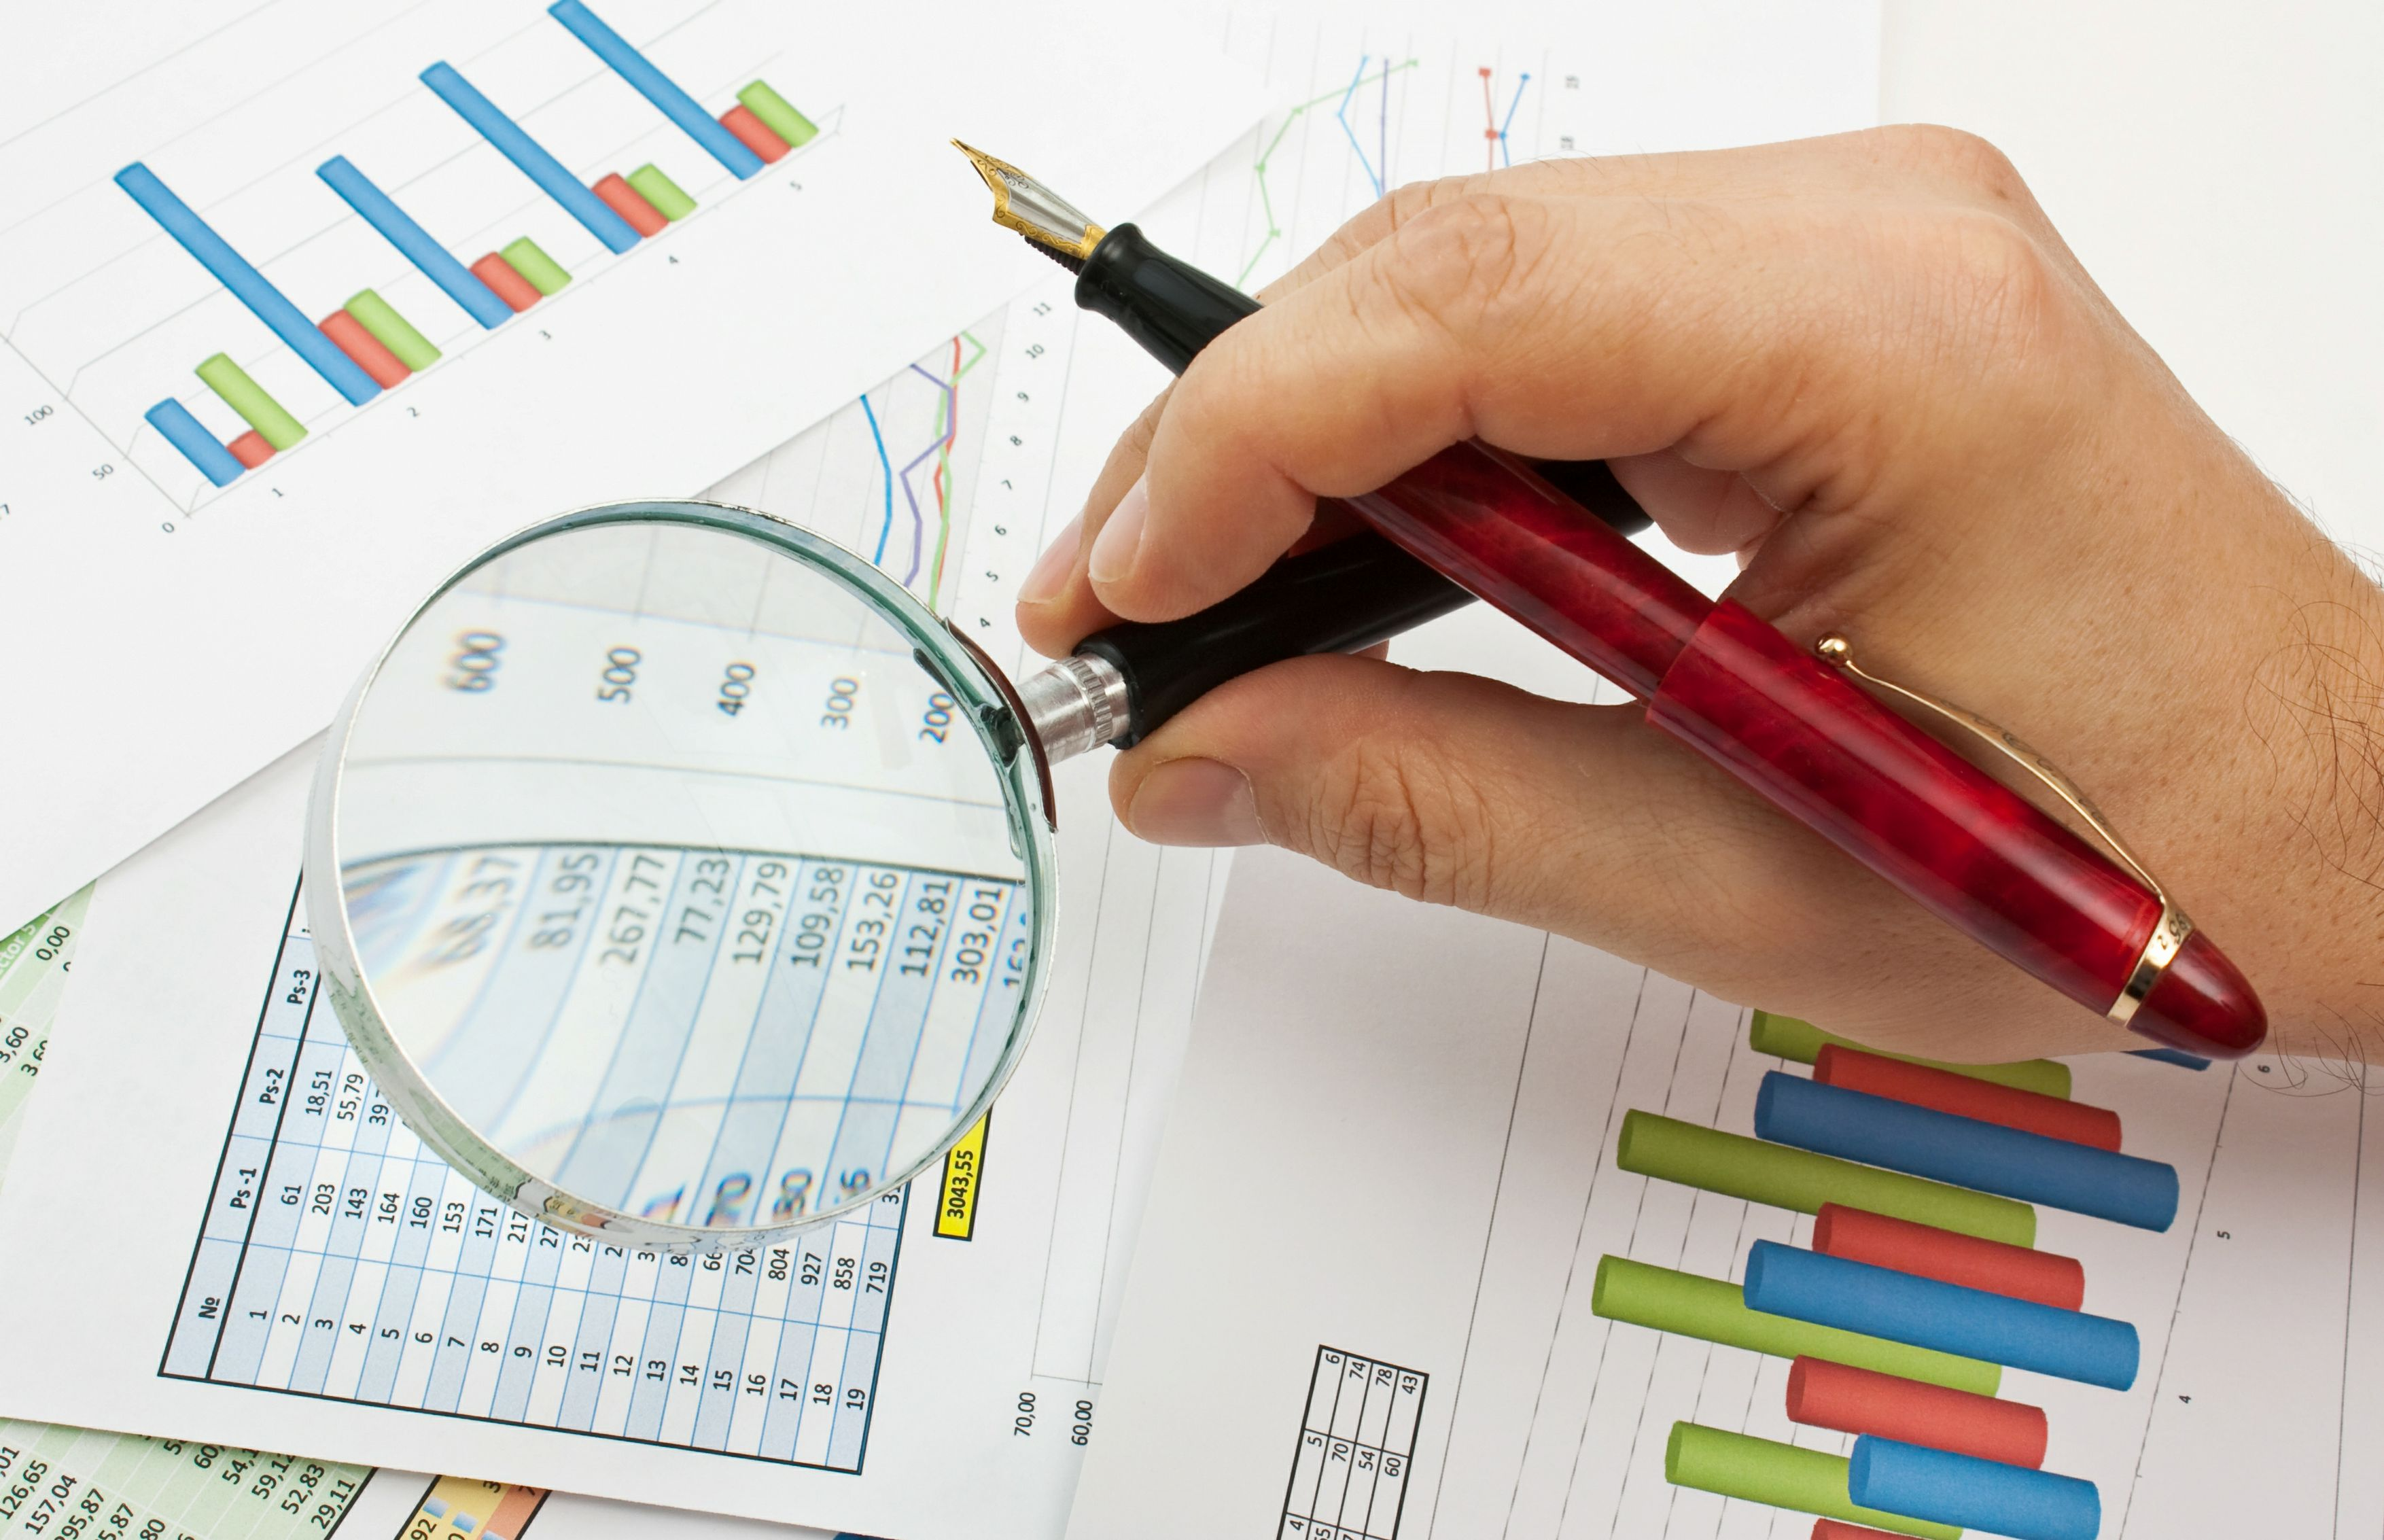 格隆汇港股聚焦(11.27)︱小米三季度营收537亿创新高   融创153亿元收购环球世纪及时代环球51%股权